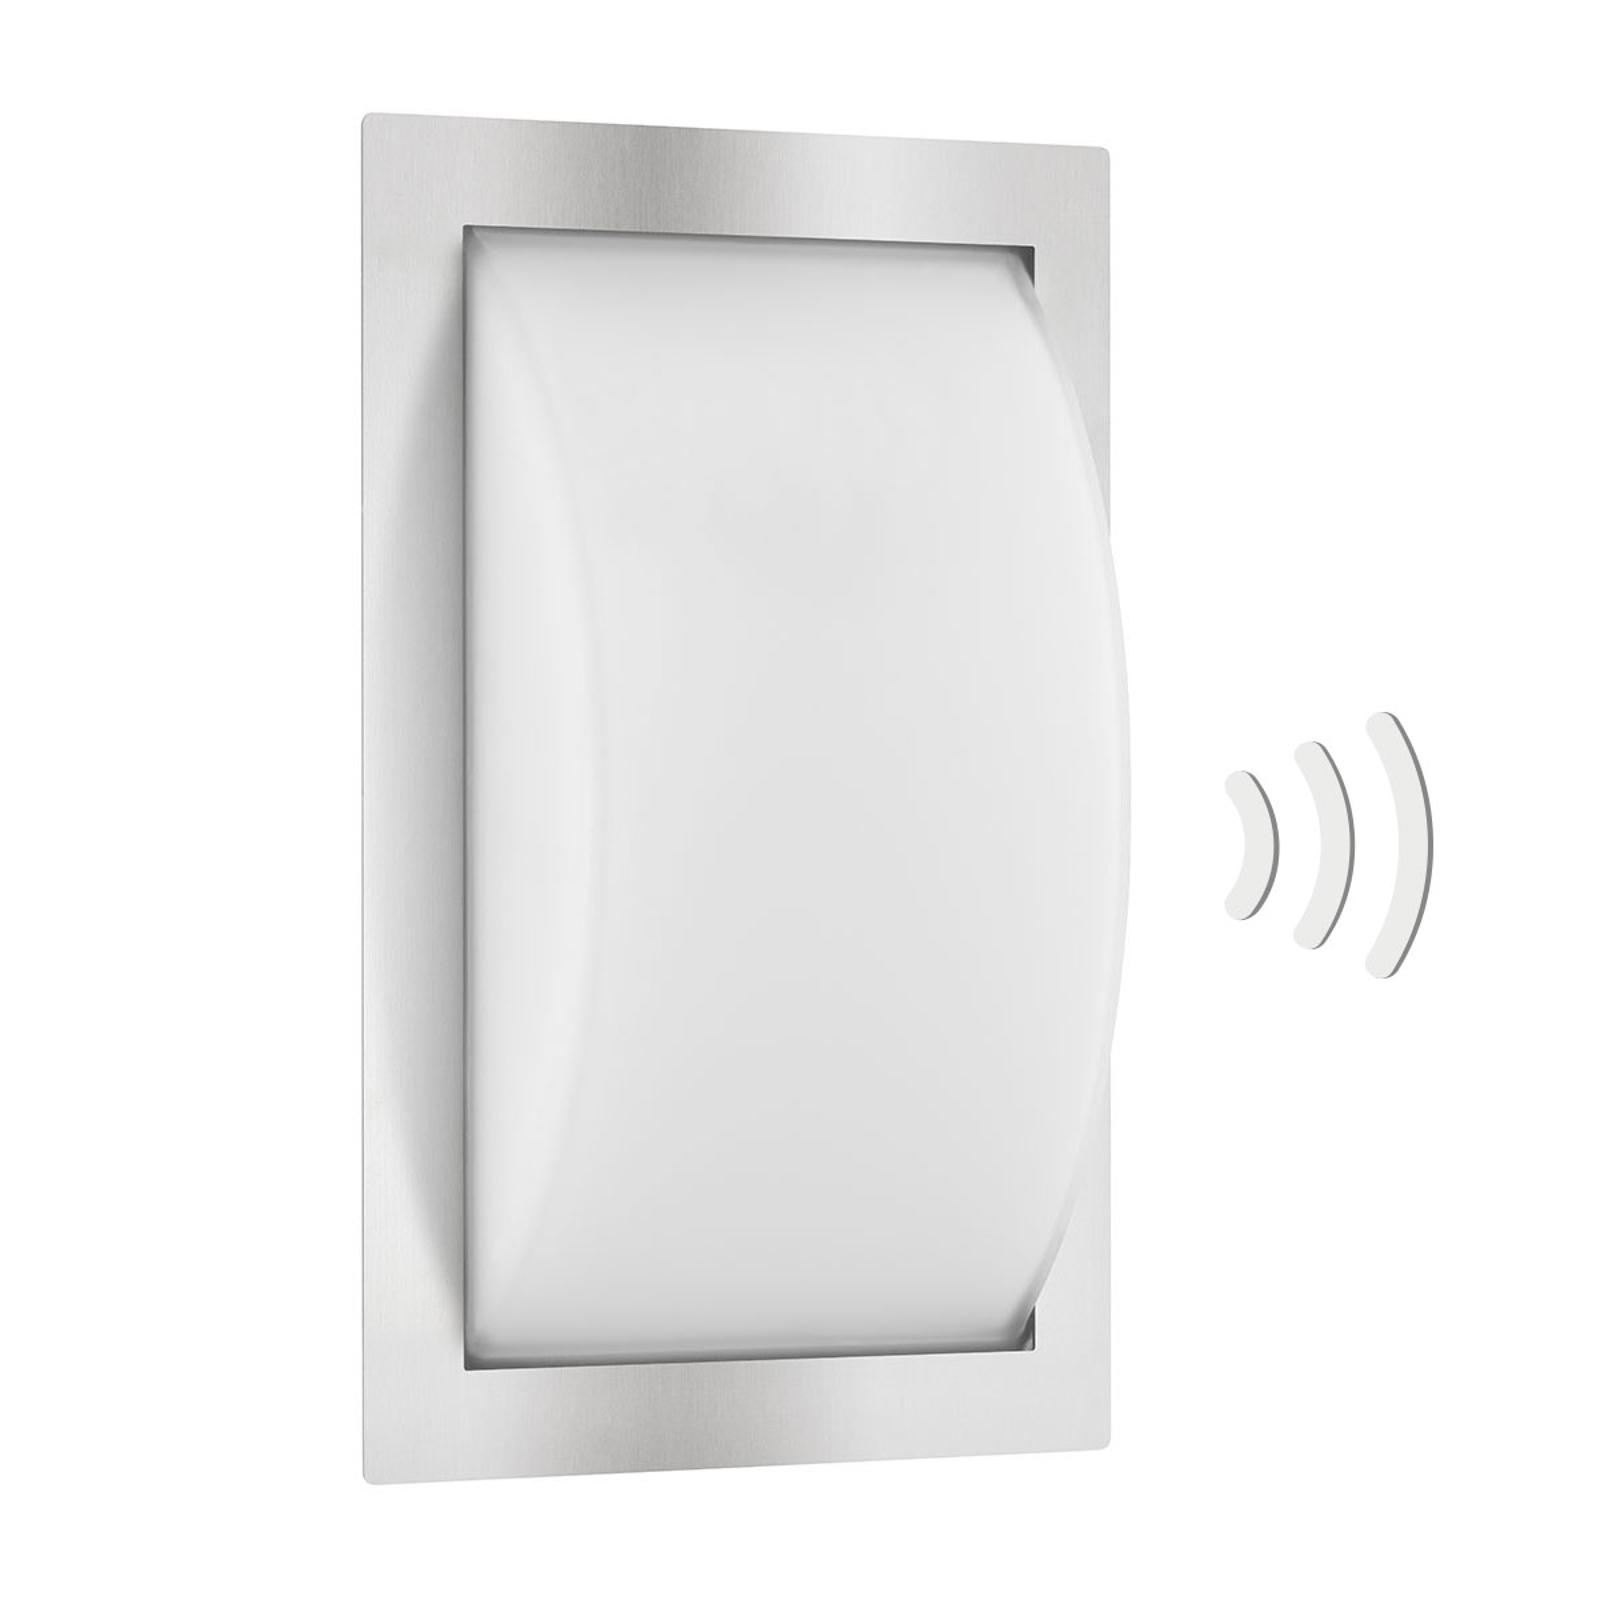 Kinkiet zewnętrzny LED Ivett z czujnikiem ruchu